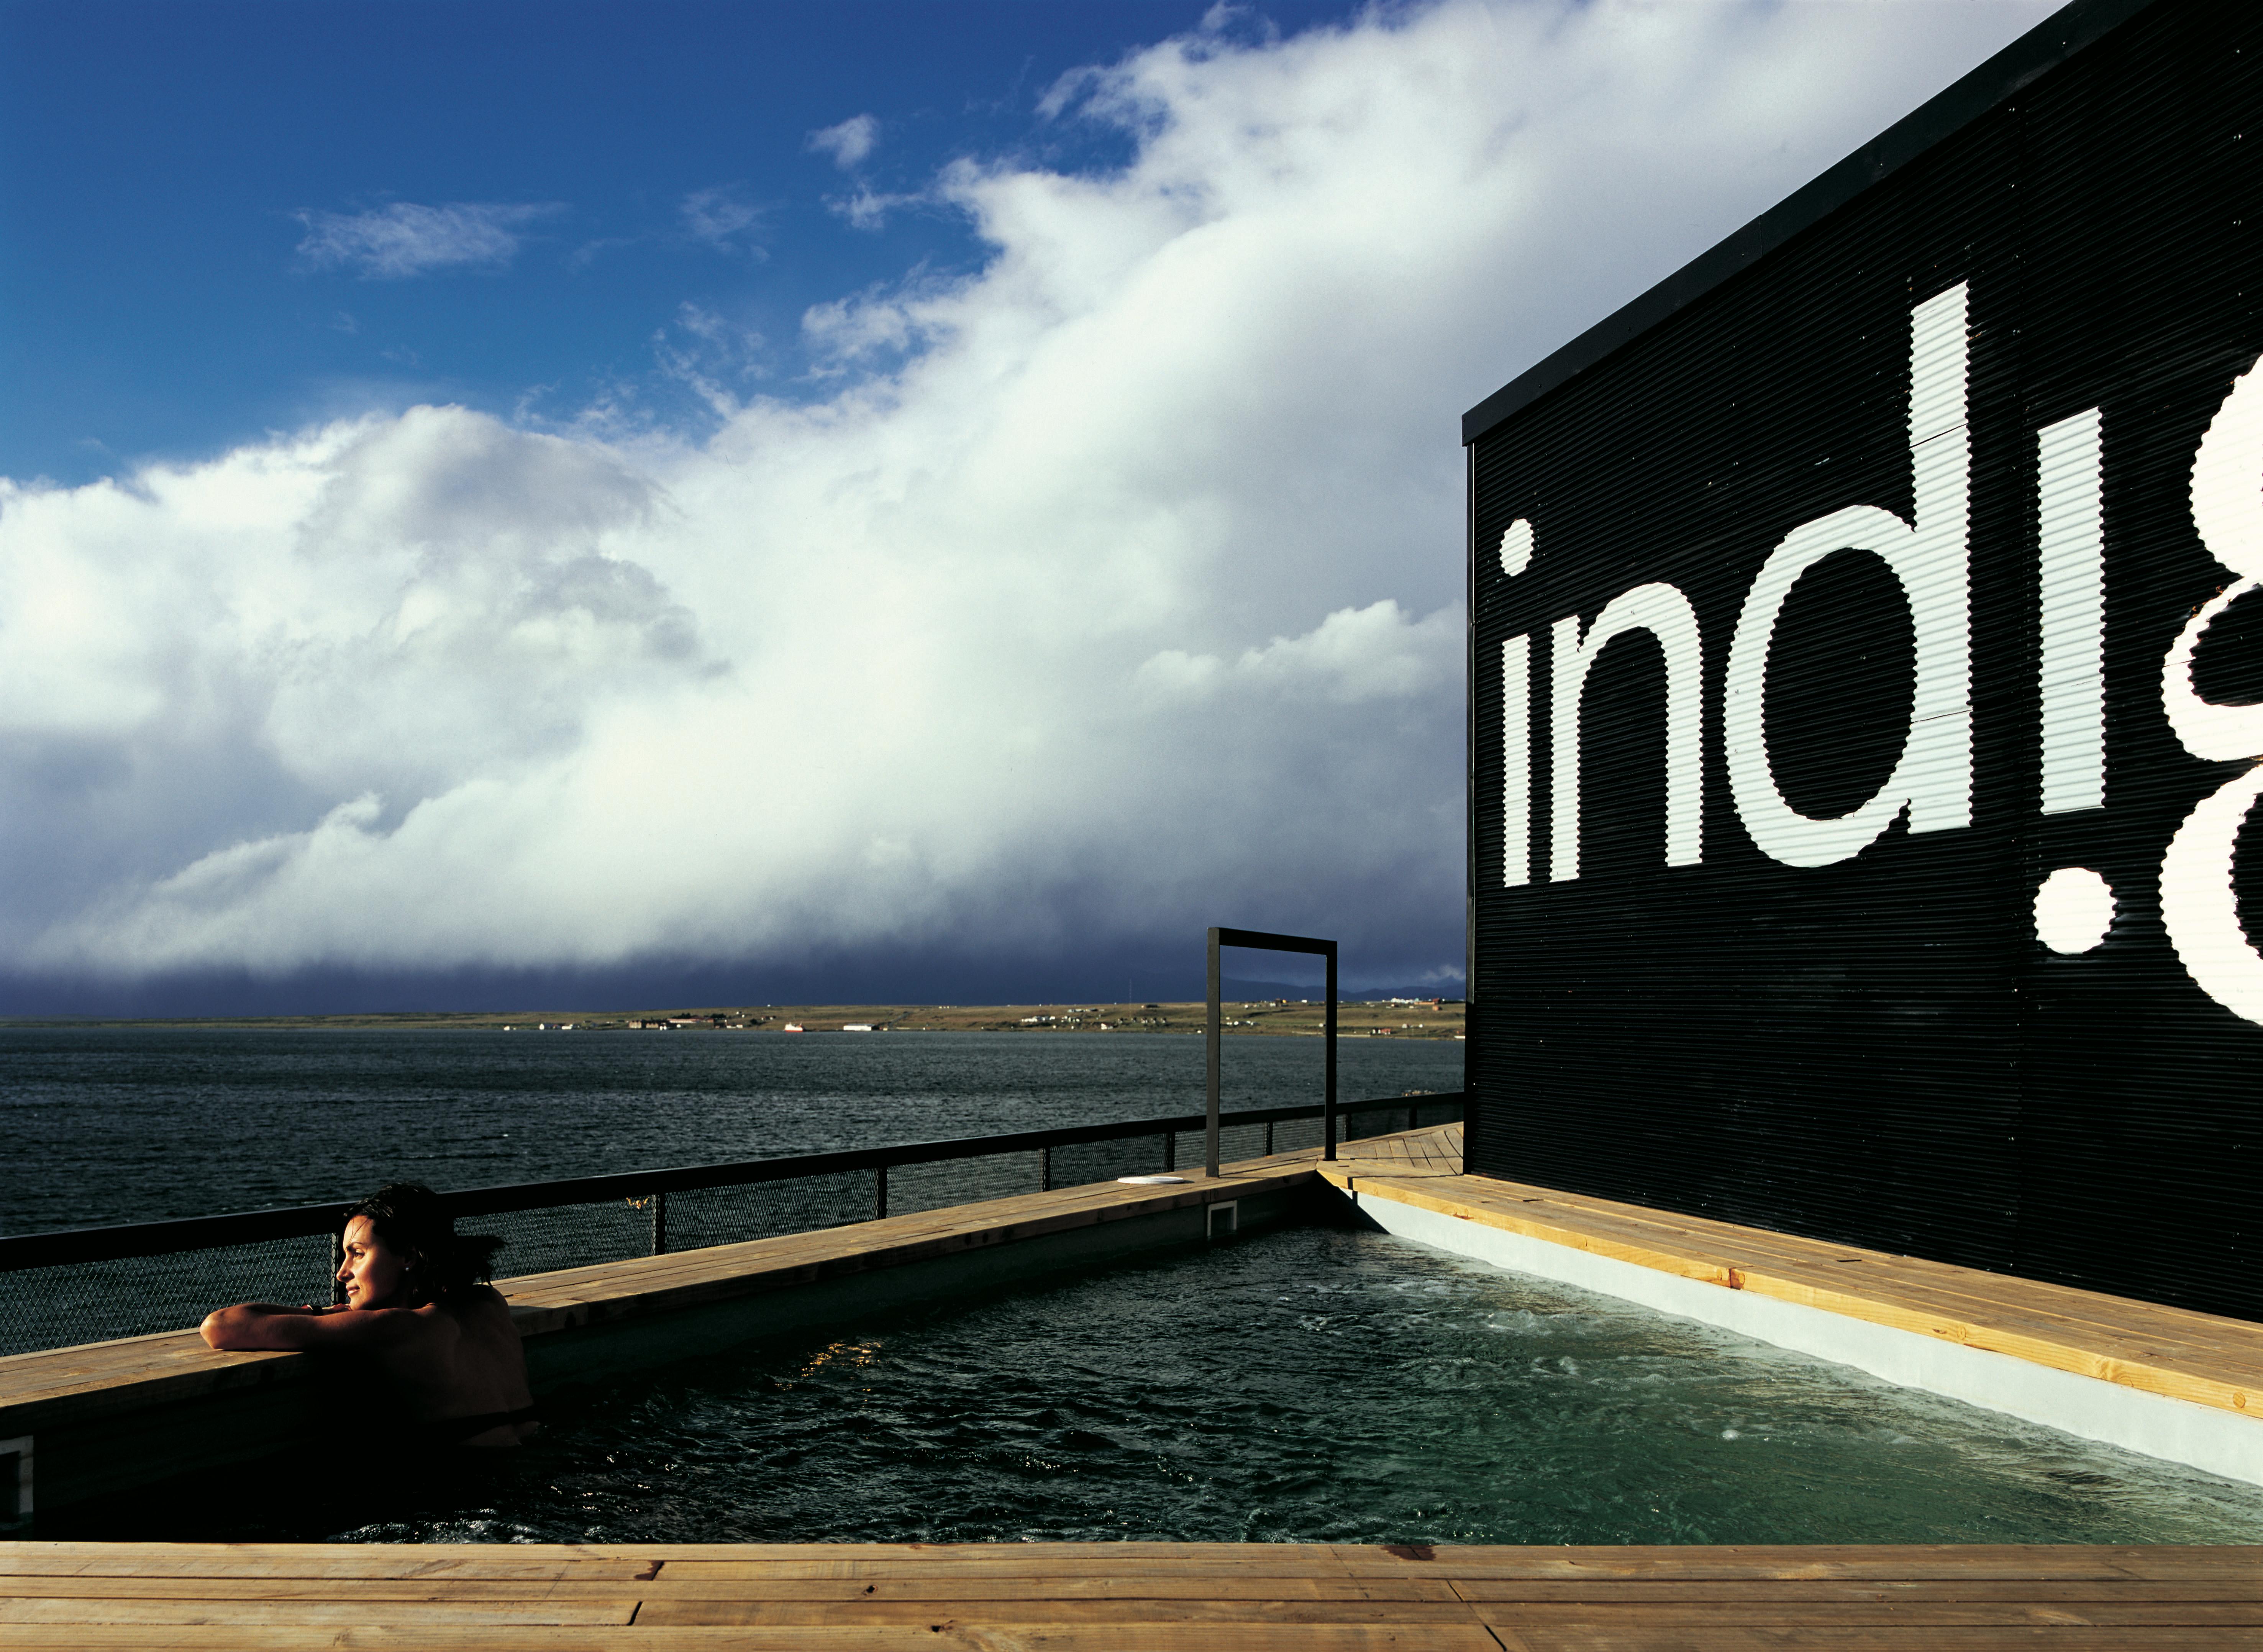 INDIGO PATAGONIA HOTEL 15.jpg